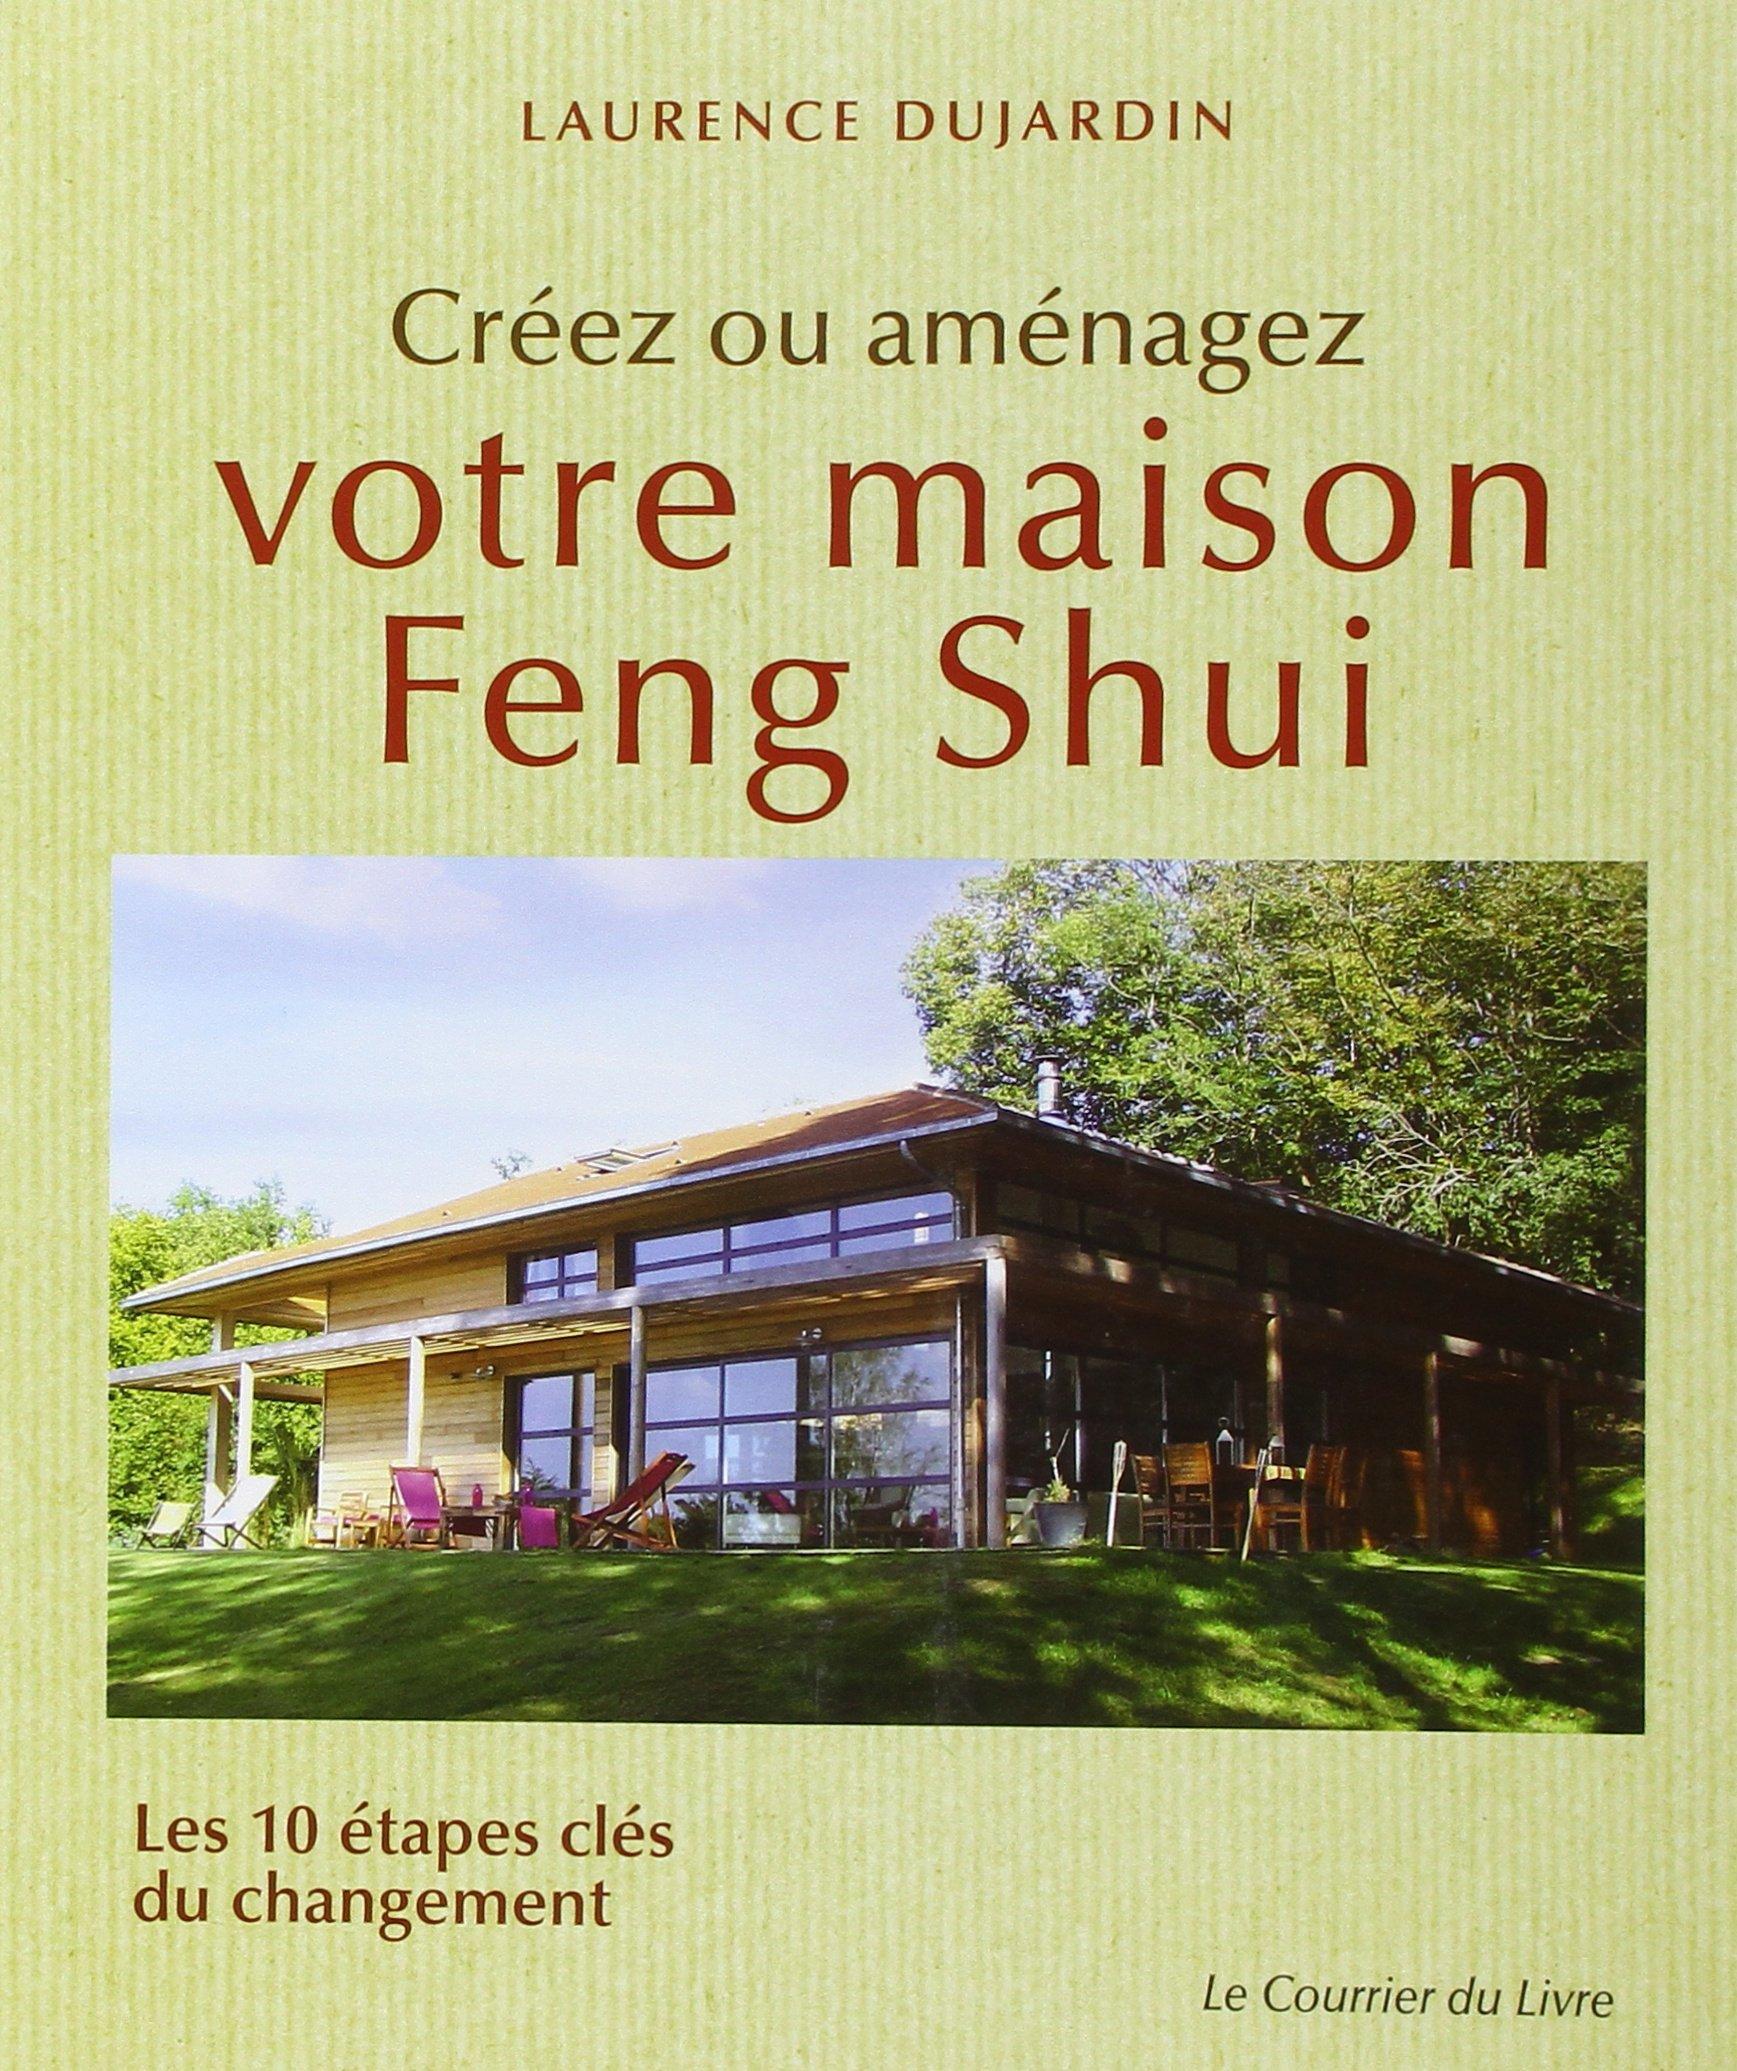 Amazon.fr - Créez ou aménagez votre maison Feng Shui : Les 33 ... - Laurence Dujardin